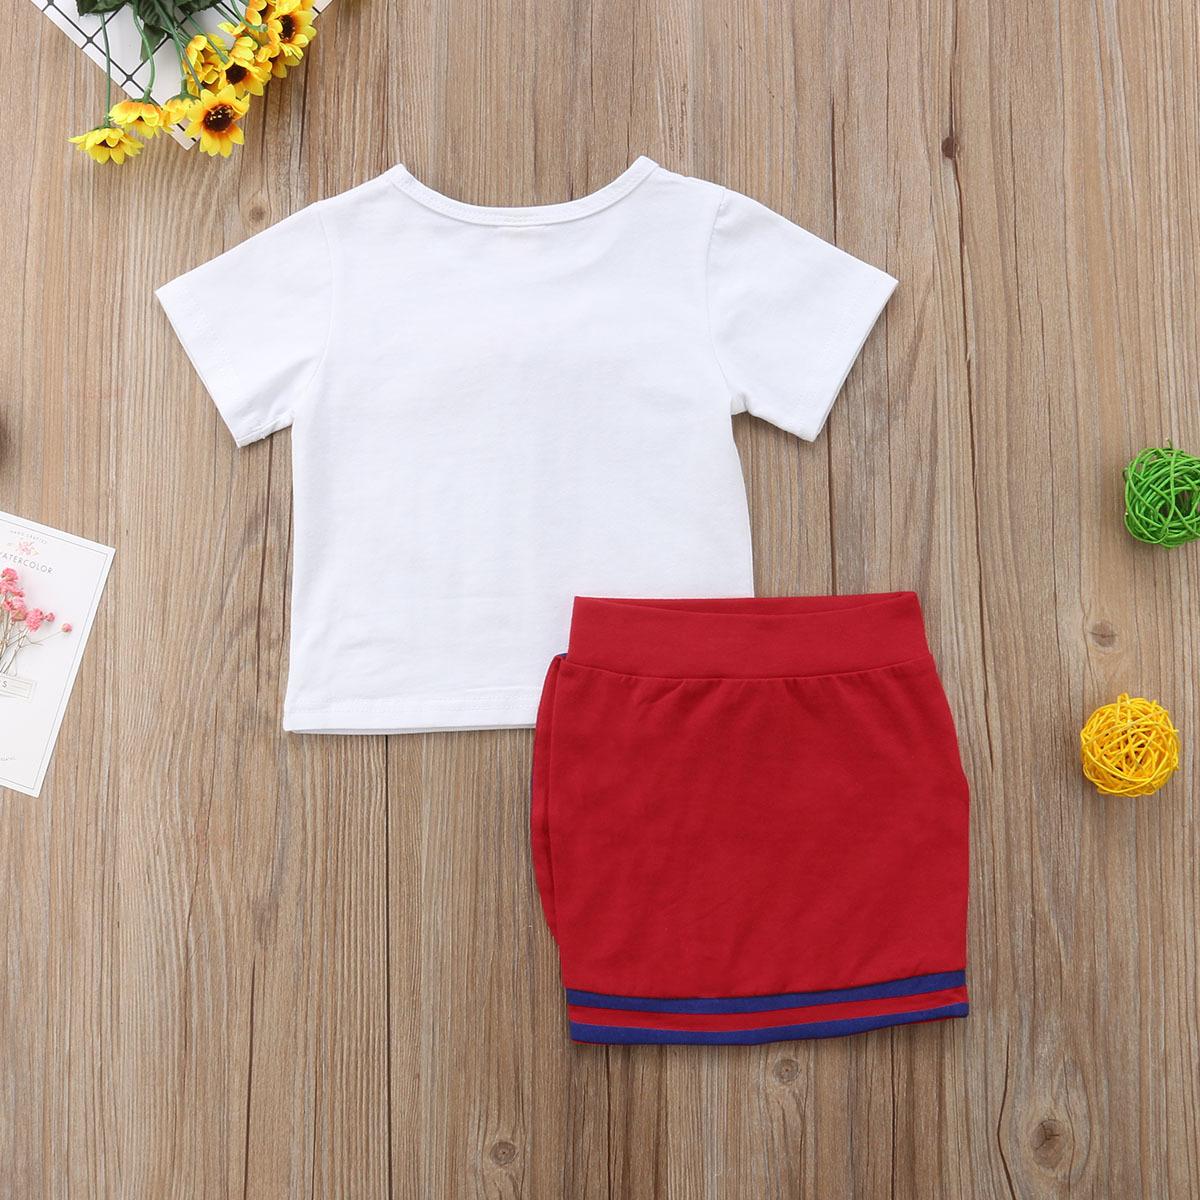 Kızlar Üniforma Yenidoğan Çocuk Bebek Kız Giysileri Setleri Yay Çiçek Kravat Tops T-shirt Kısa Mini Etek Parti Düğün Tutu Elbise